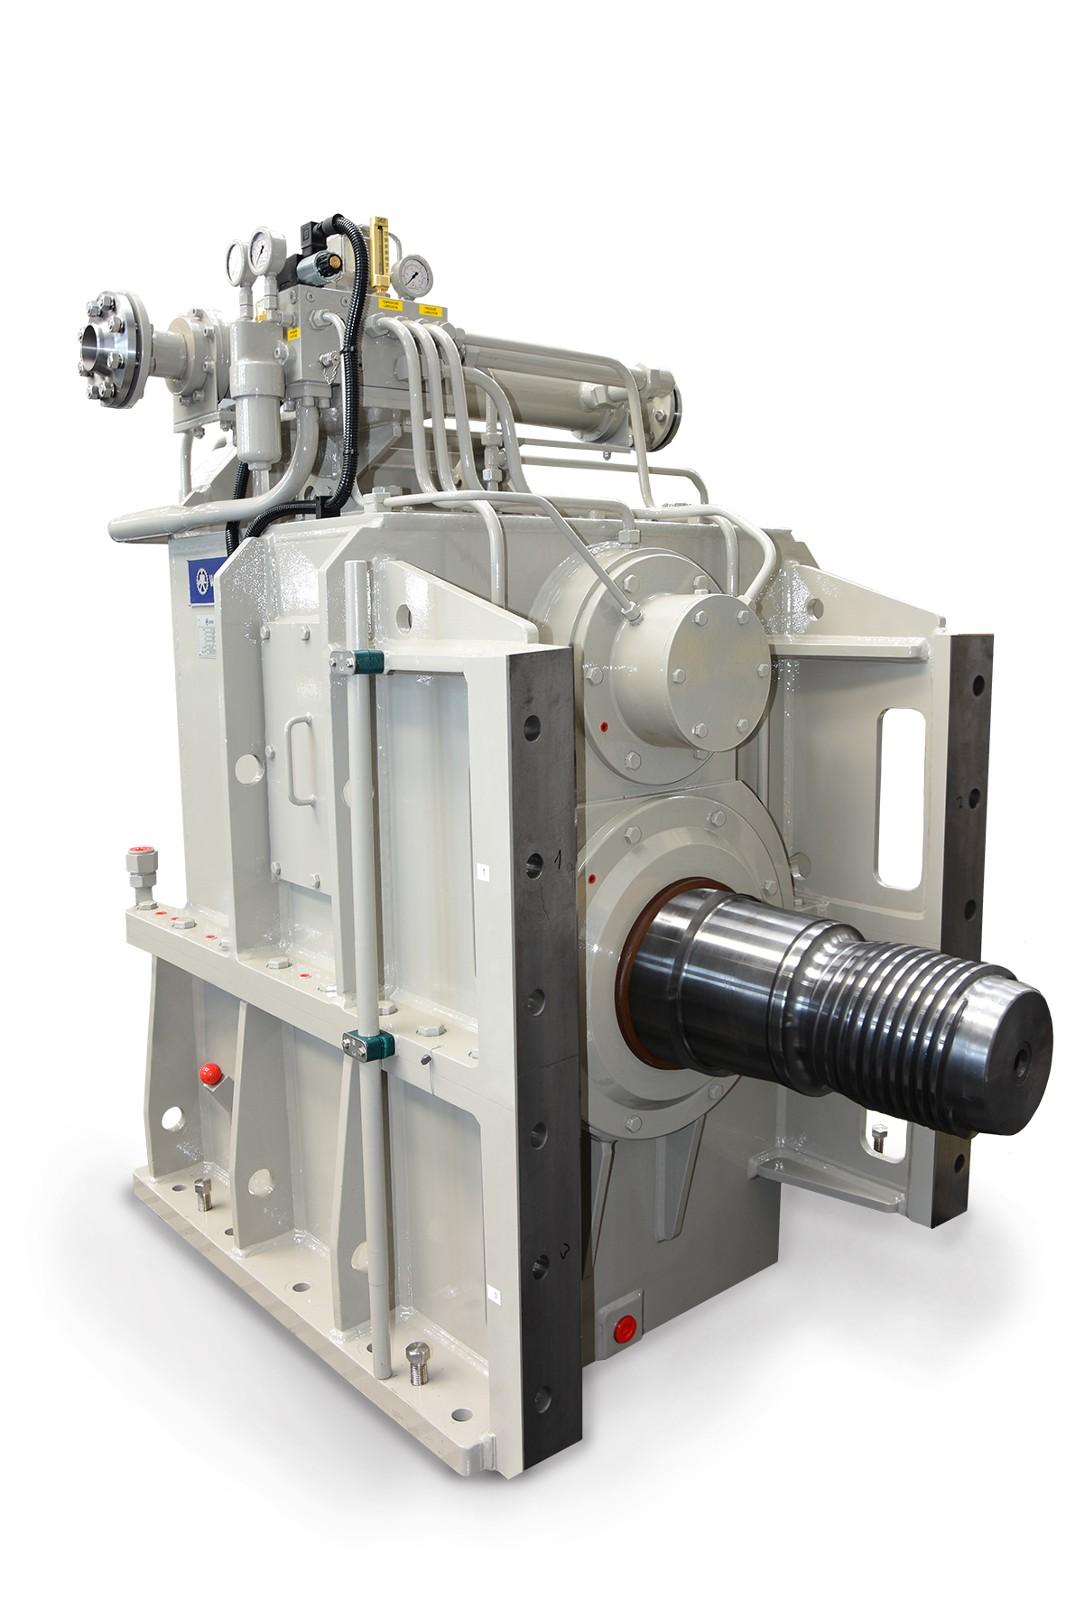 Dredge pump gearbox - Wikov